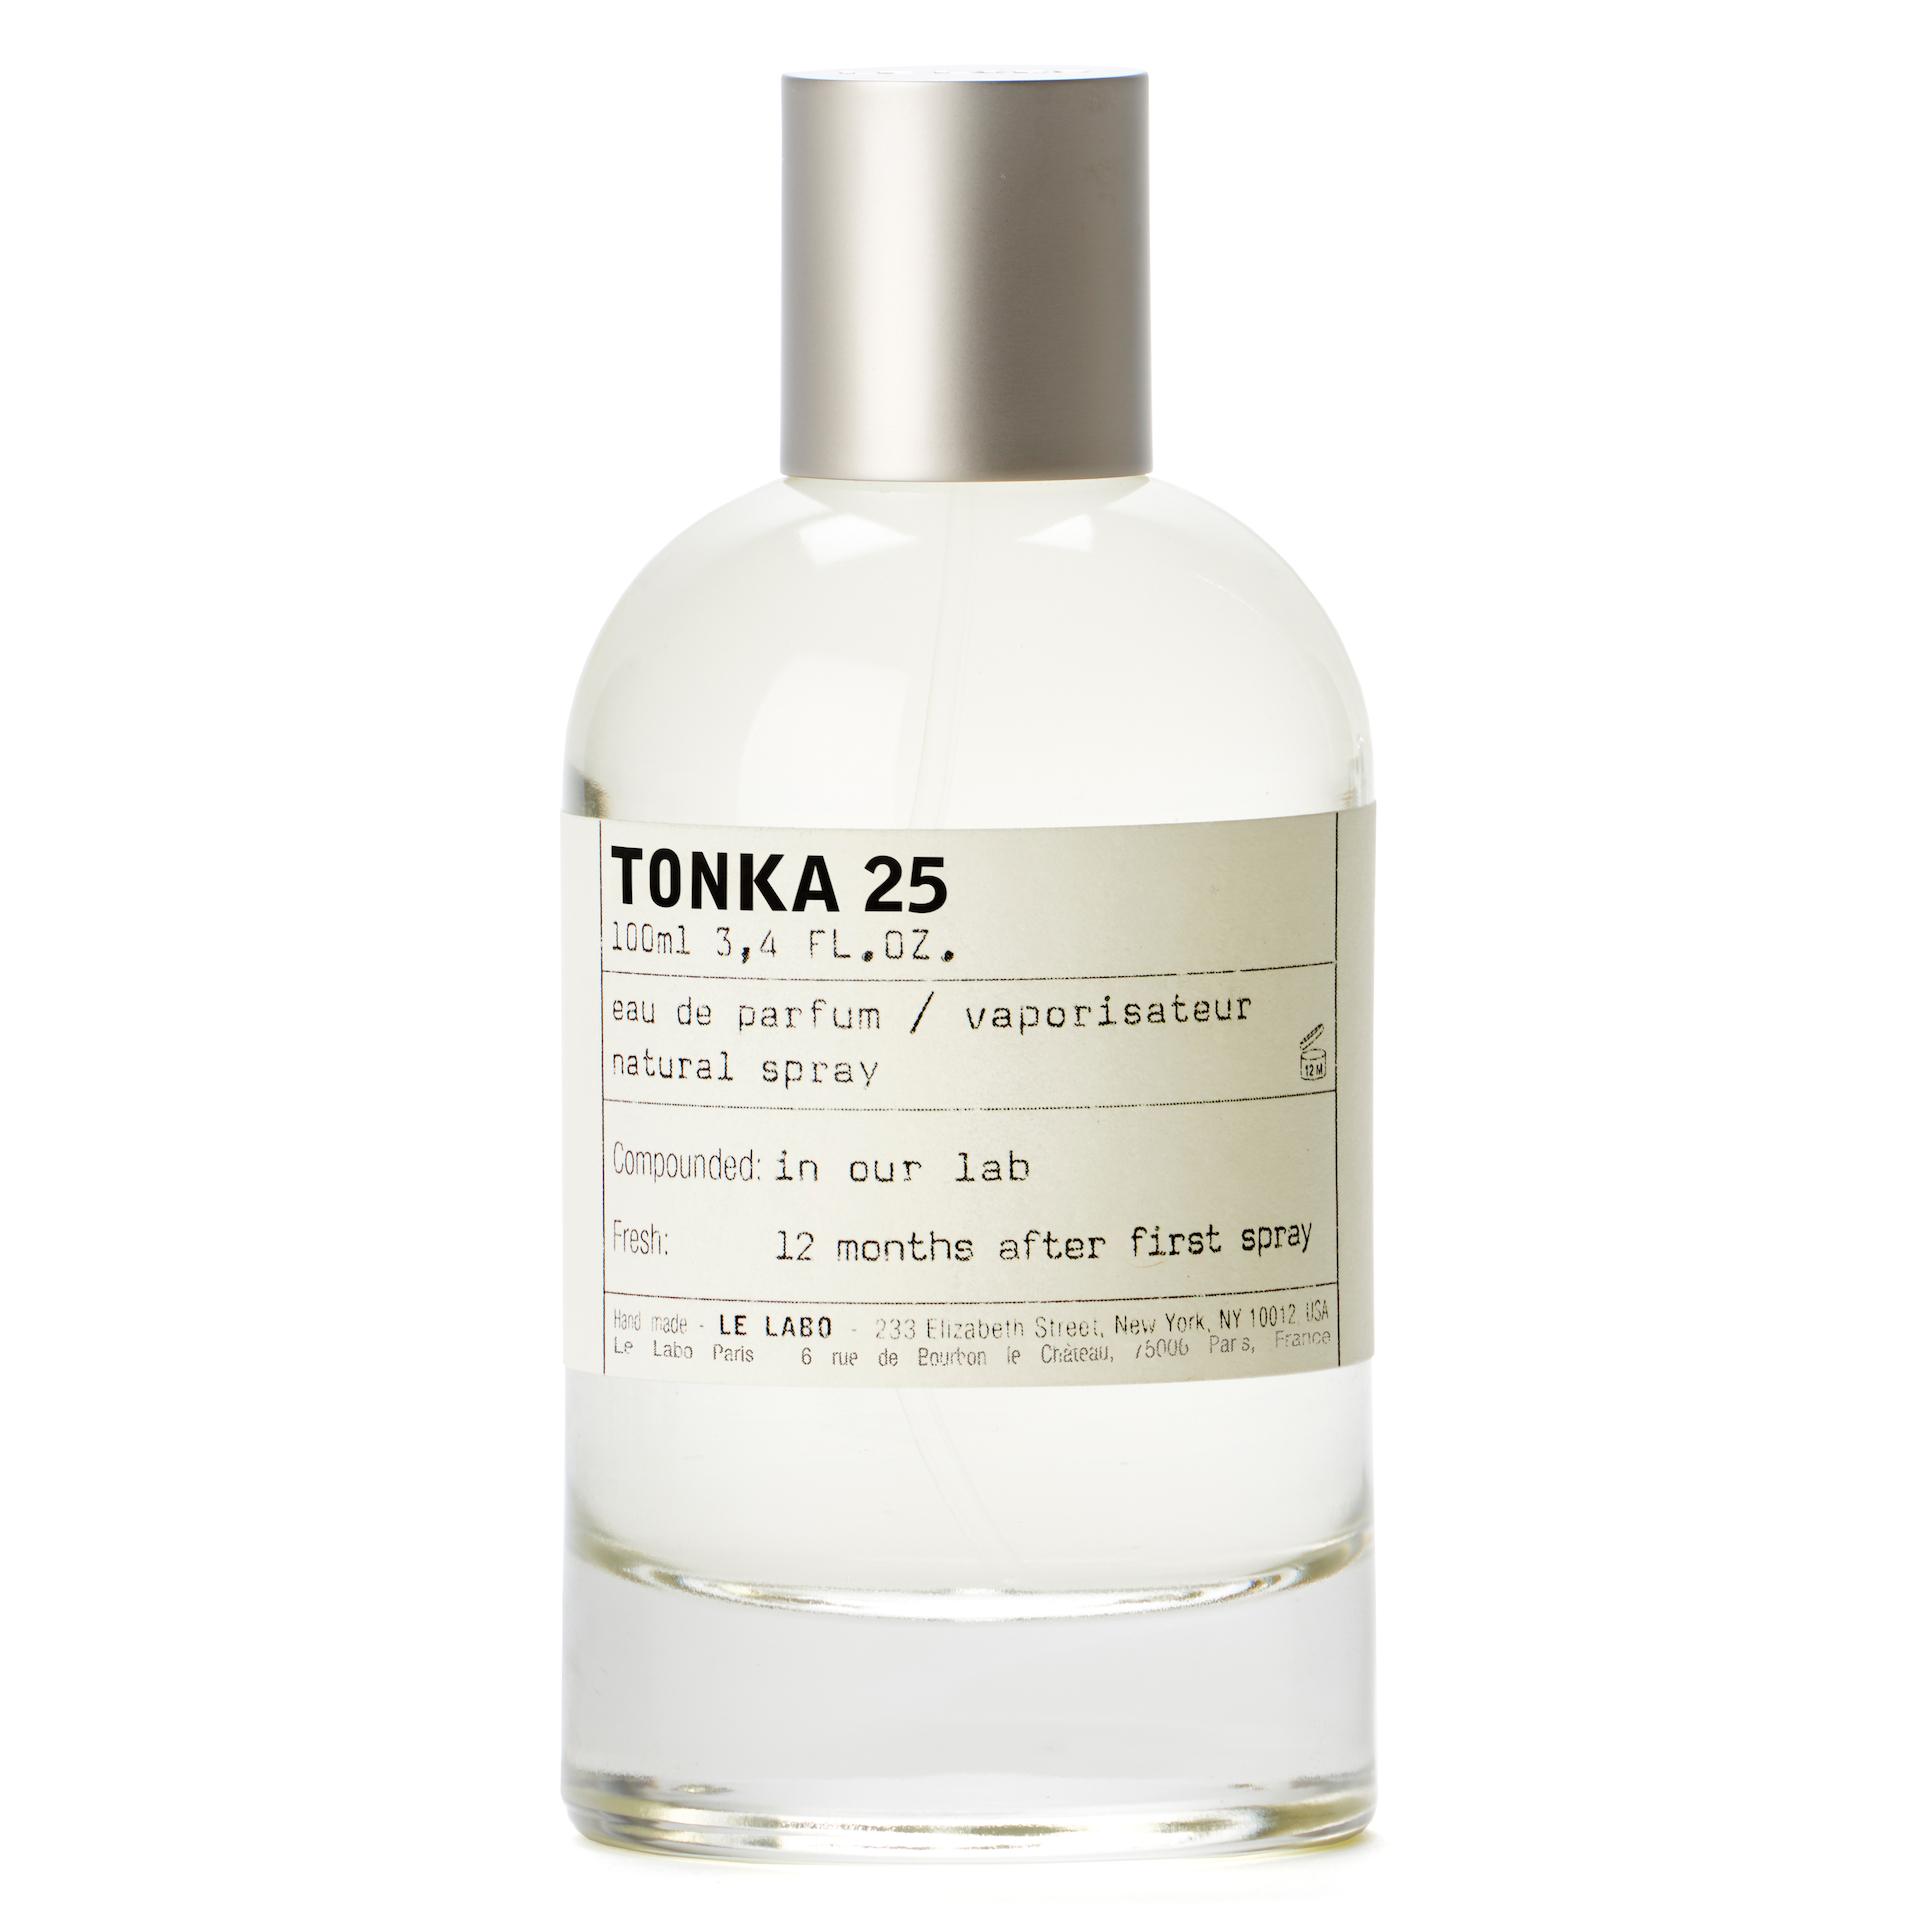 Tonka 25Edp